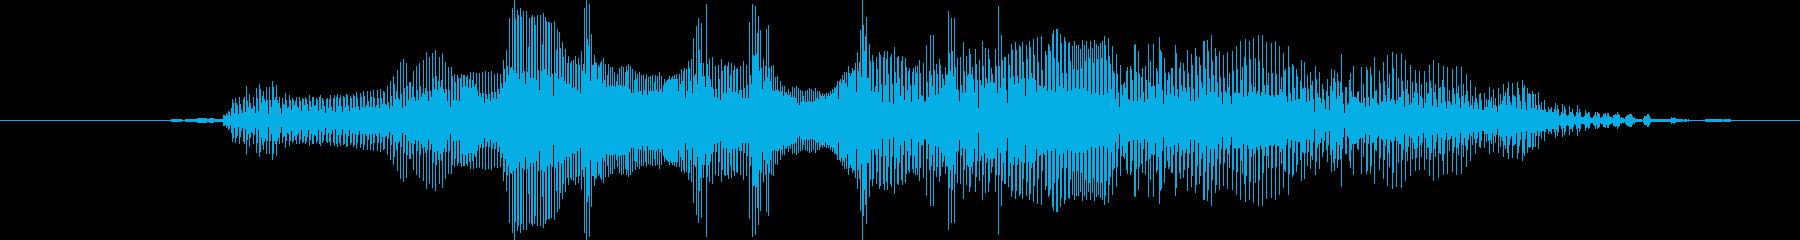 鳴き声 リトルガールクライスクイーク01の再生済みの波形